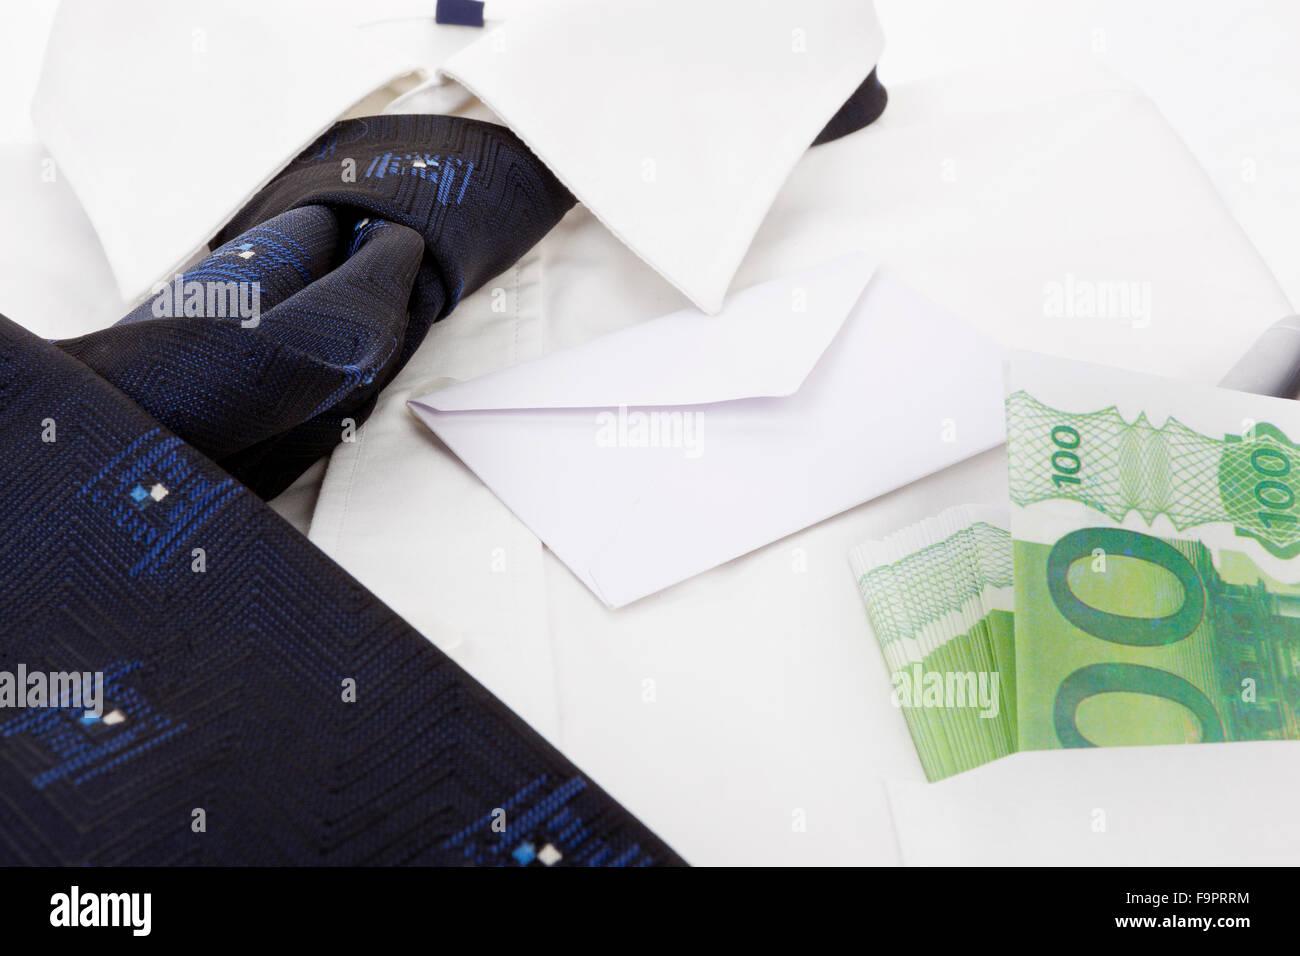 Shirt design envelope - Dress Shirt With Blue Neck Tie Hundred Eur Banknotes With Envelope And Pen In Pocket